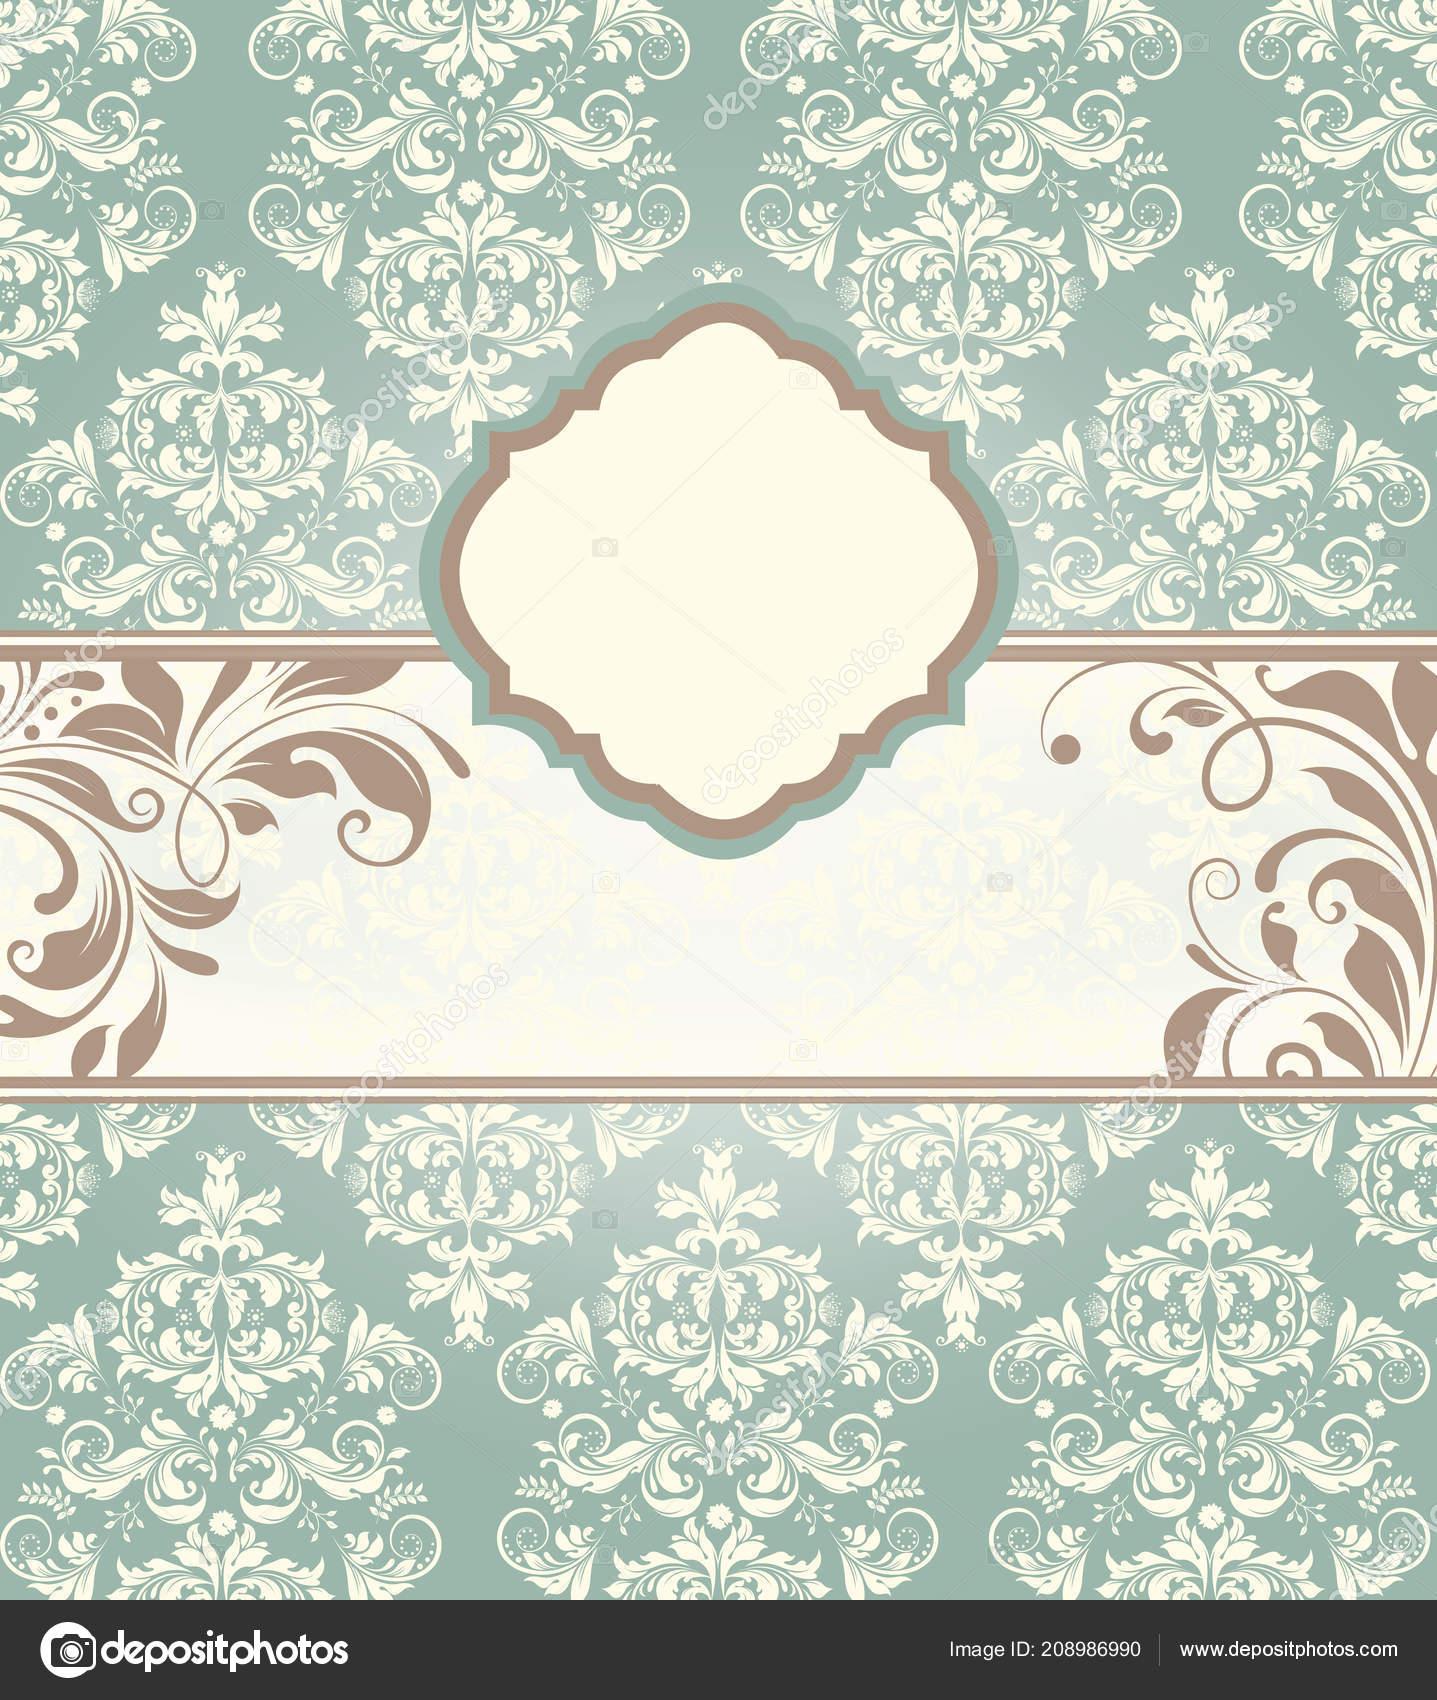 Vintage Invitation Card Ornate Elegant Abstract Floral Design Light